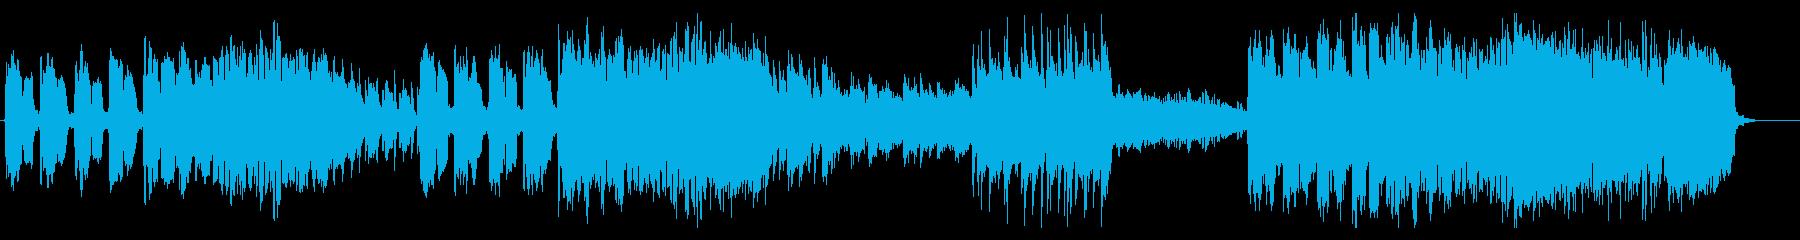 フルートとクラリネットによる軽快な音楽の再生済みの波形